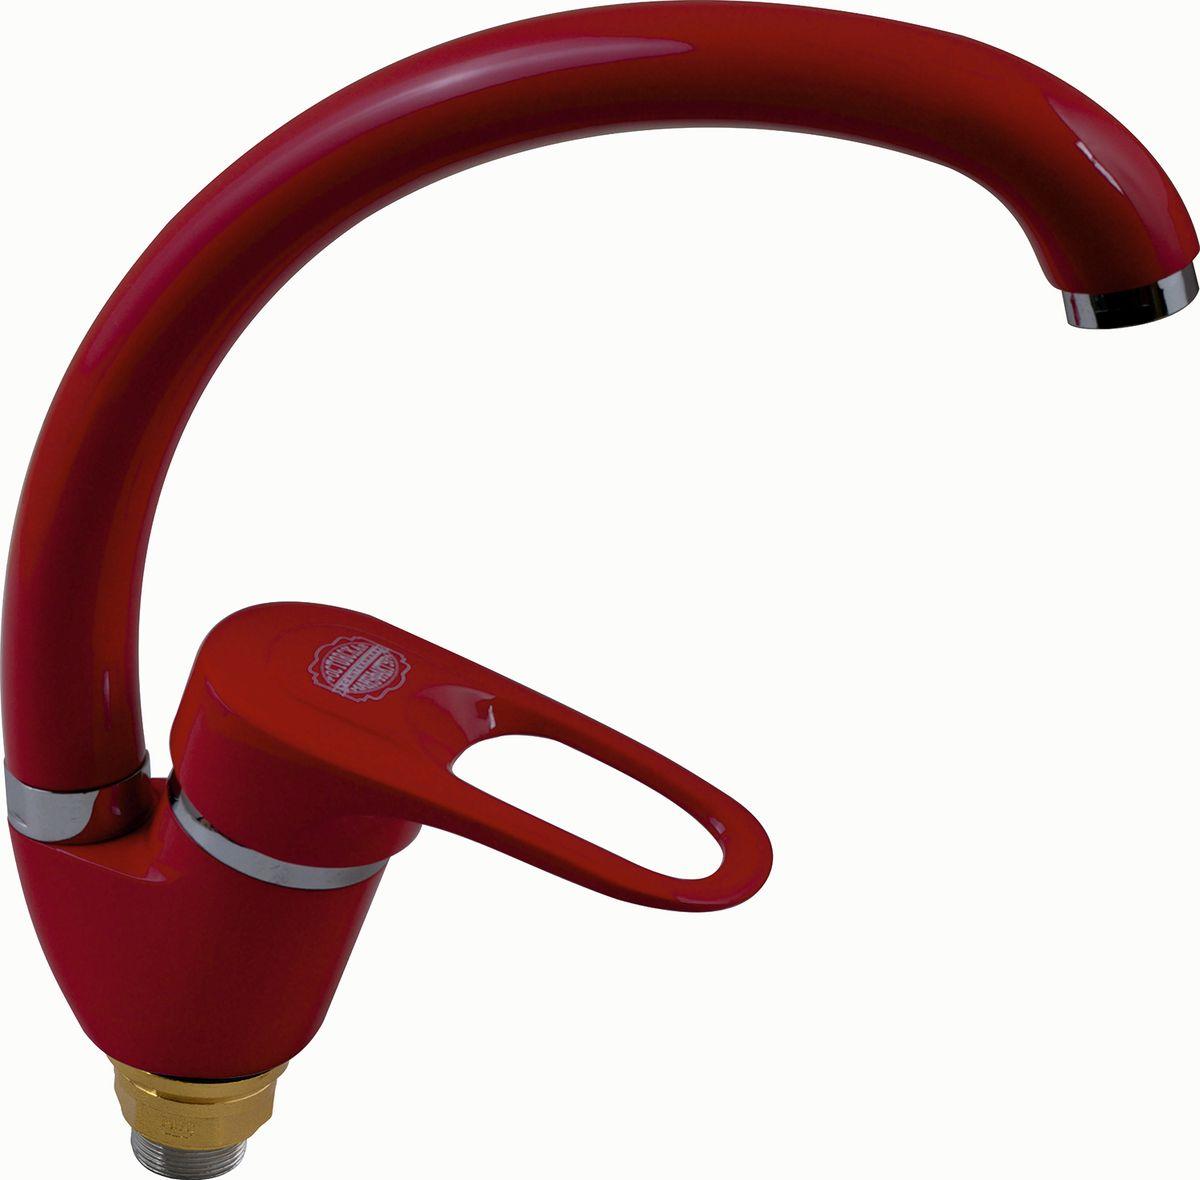 Смеситель для кухни РМС, с высоким поворотным изливом. SL77R-011F. Цвет: красный68/2/3Смеситель для кухни с высоким изливом. Картридж:керамический 40мм. Крепление: гайка. Аэратор: пластиковый. Цвет покрытия корпуса: красный. В комплекте: гибкая подводка Особенности:- Крепление на гайке- Керамич.картридж 40мм- Аэратор пластиковый- Гибкая подводка